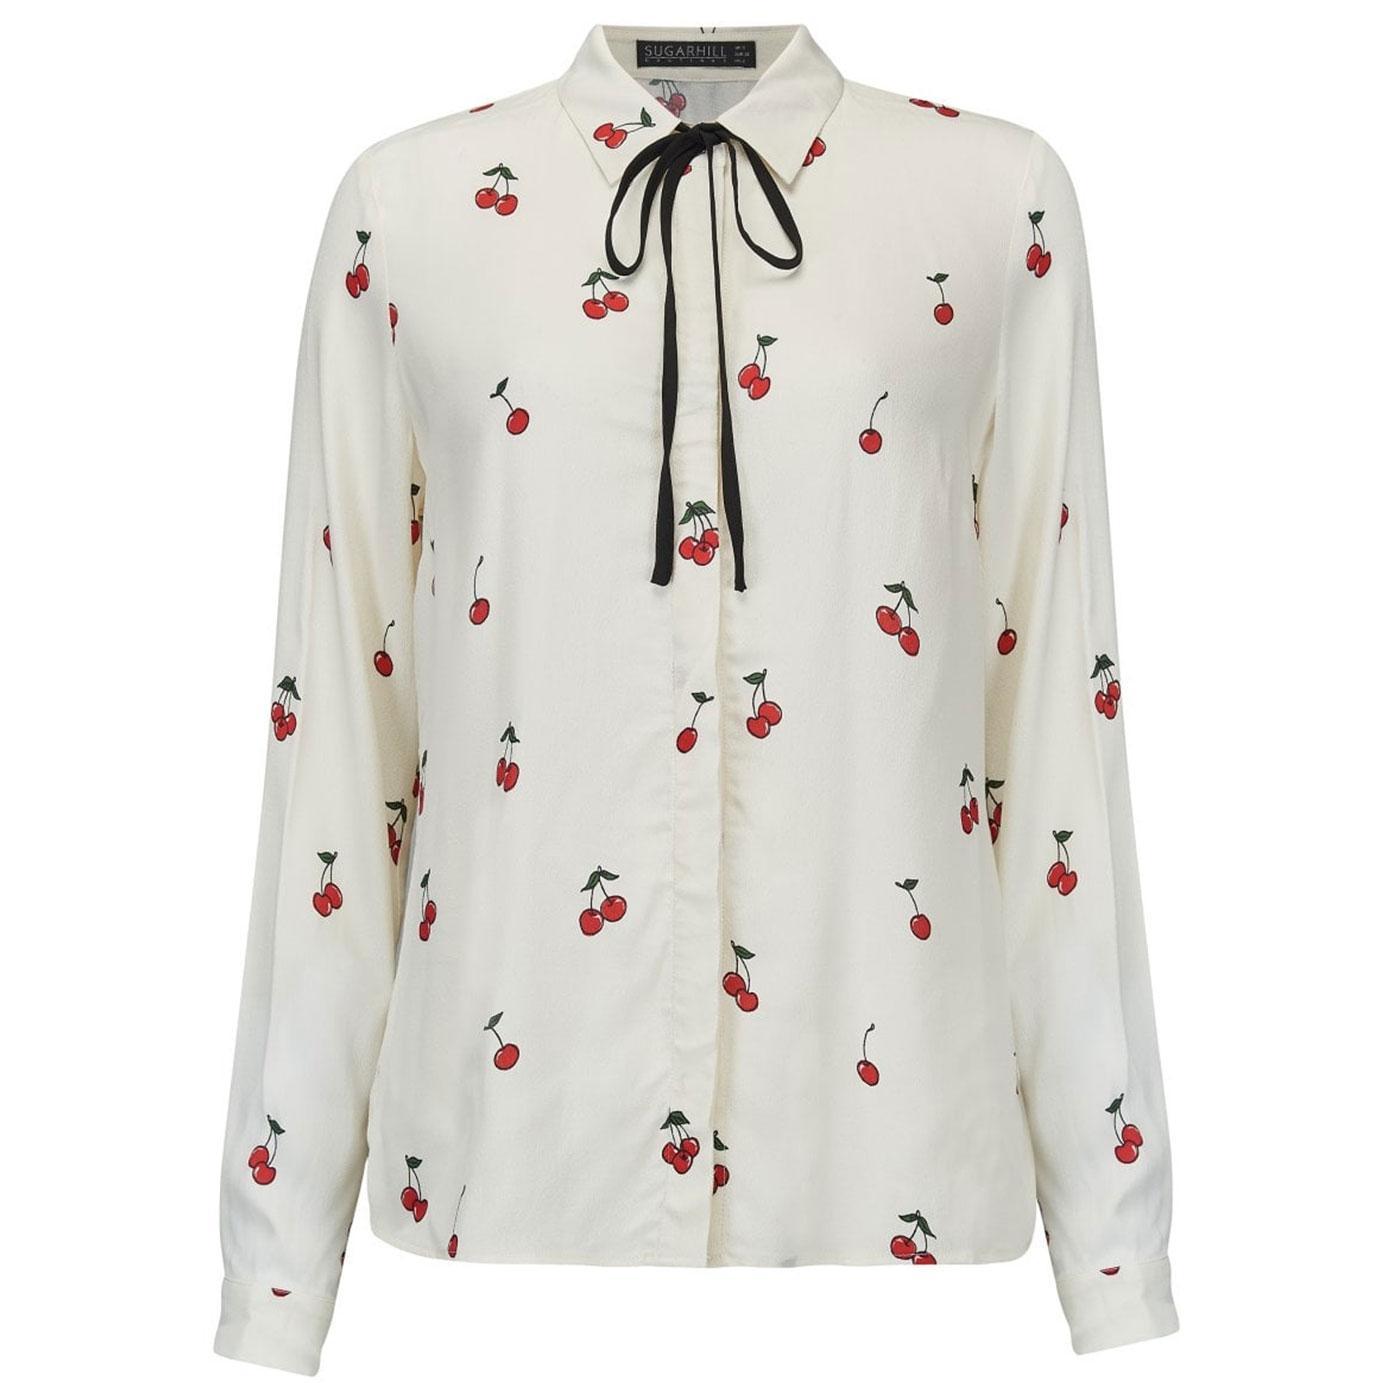 Catrina SUGARHILL BOUTIQUE Winterberry Shirt